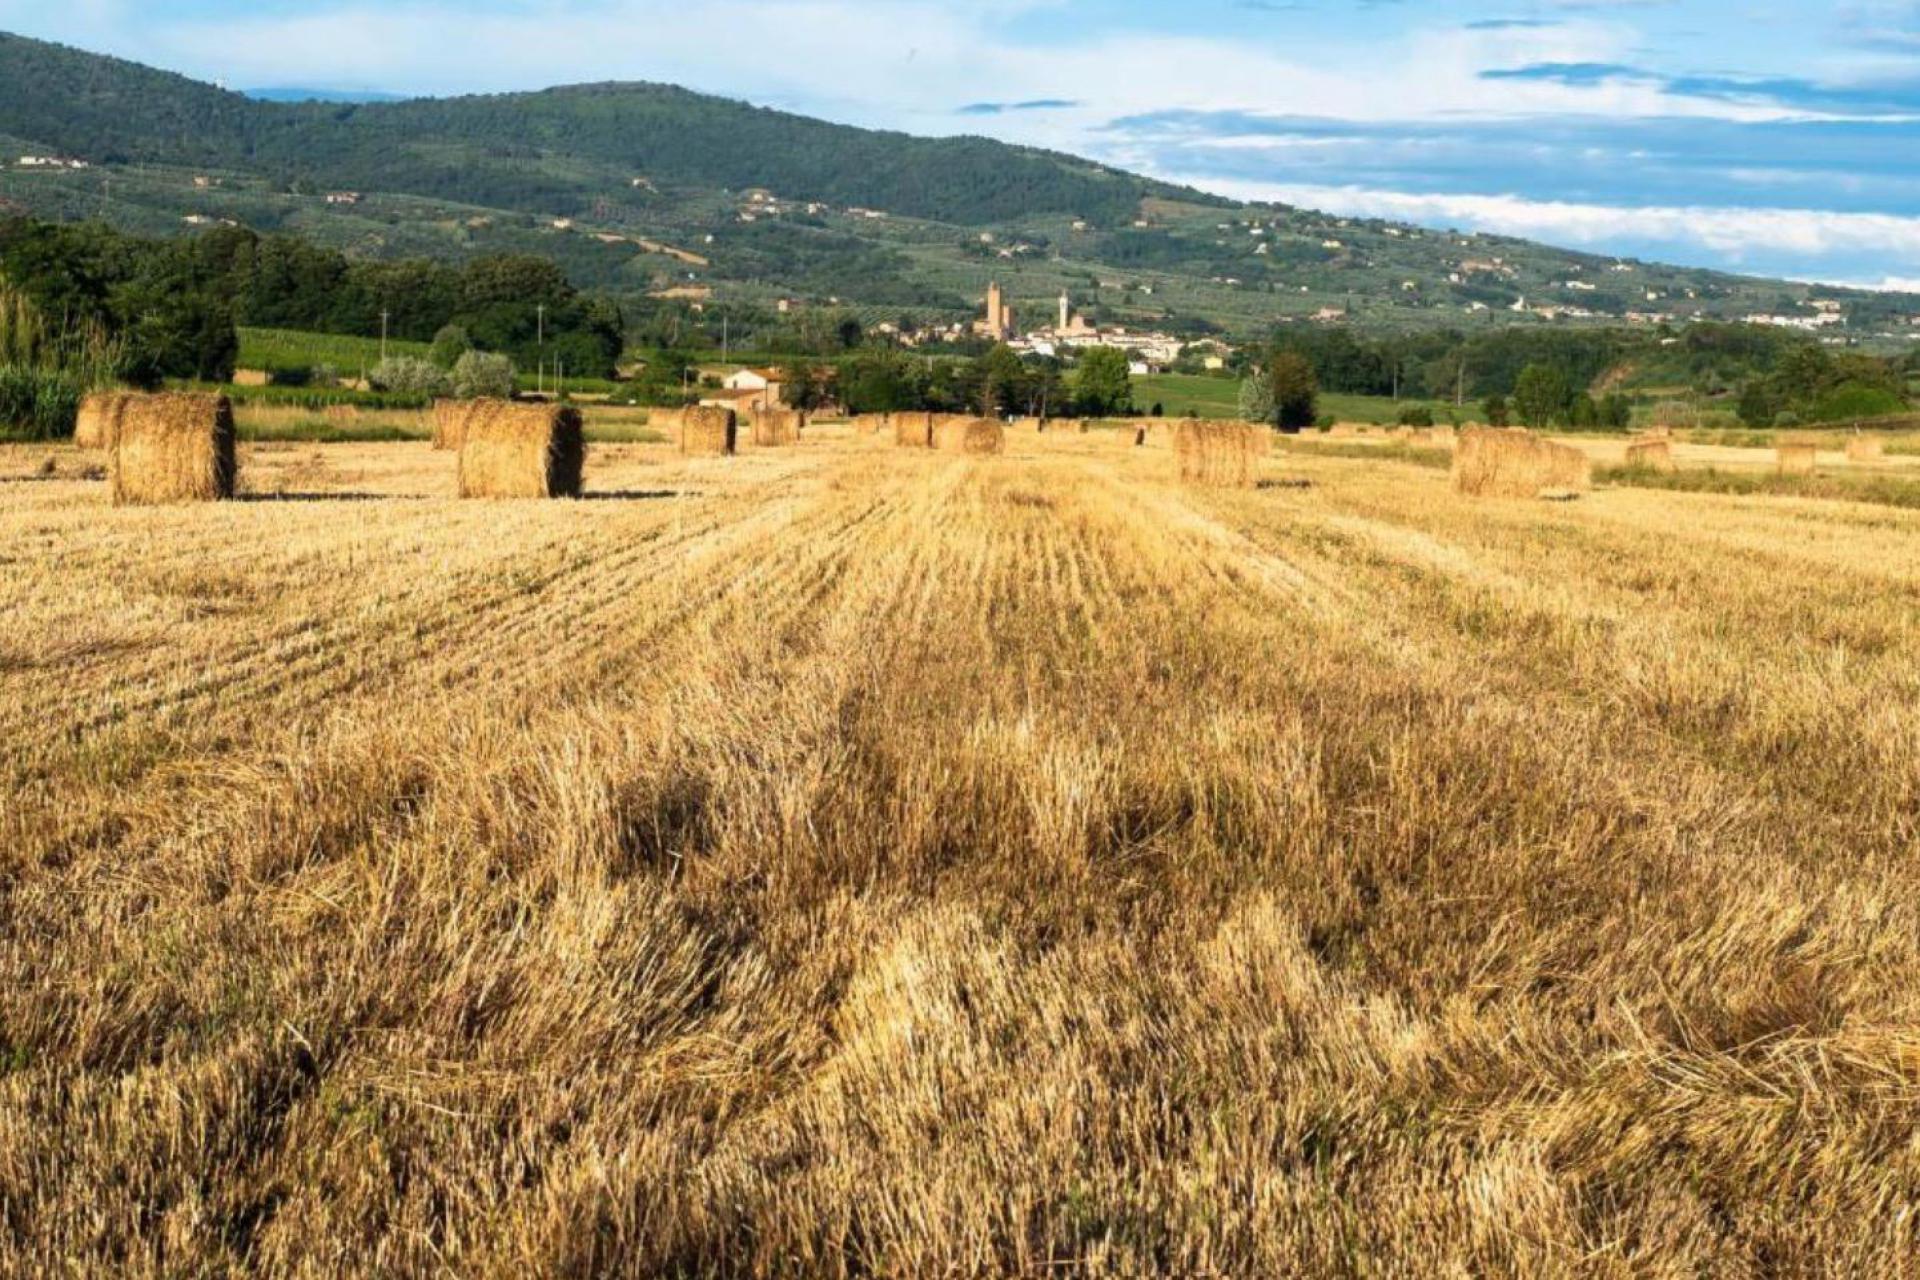 Agriturismo Toscane Ontdek Toscane vanuit deze centraal gelegen agriturismo